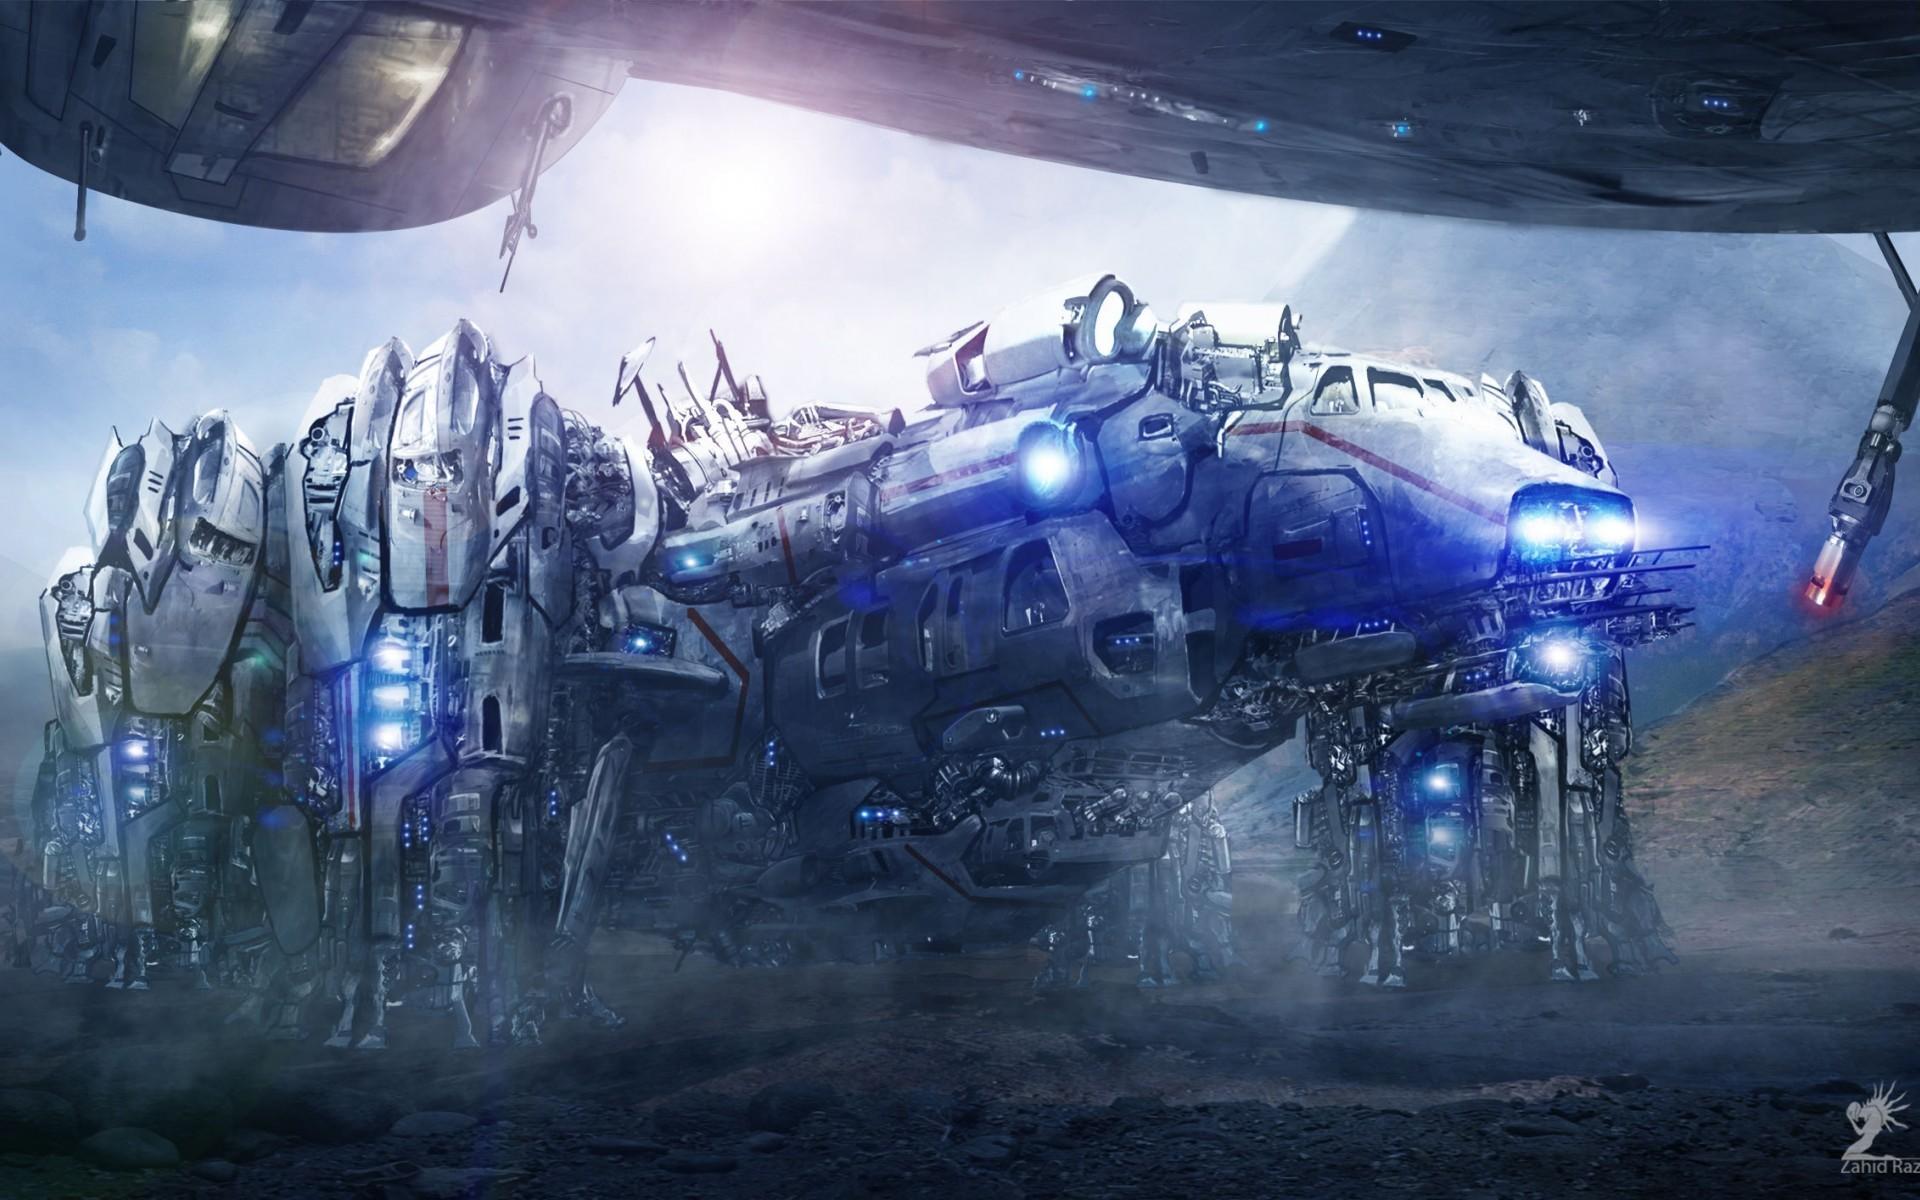 prometheus spacecraft stargate - photo #37